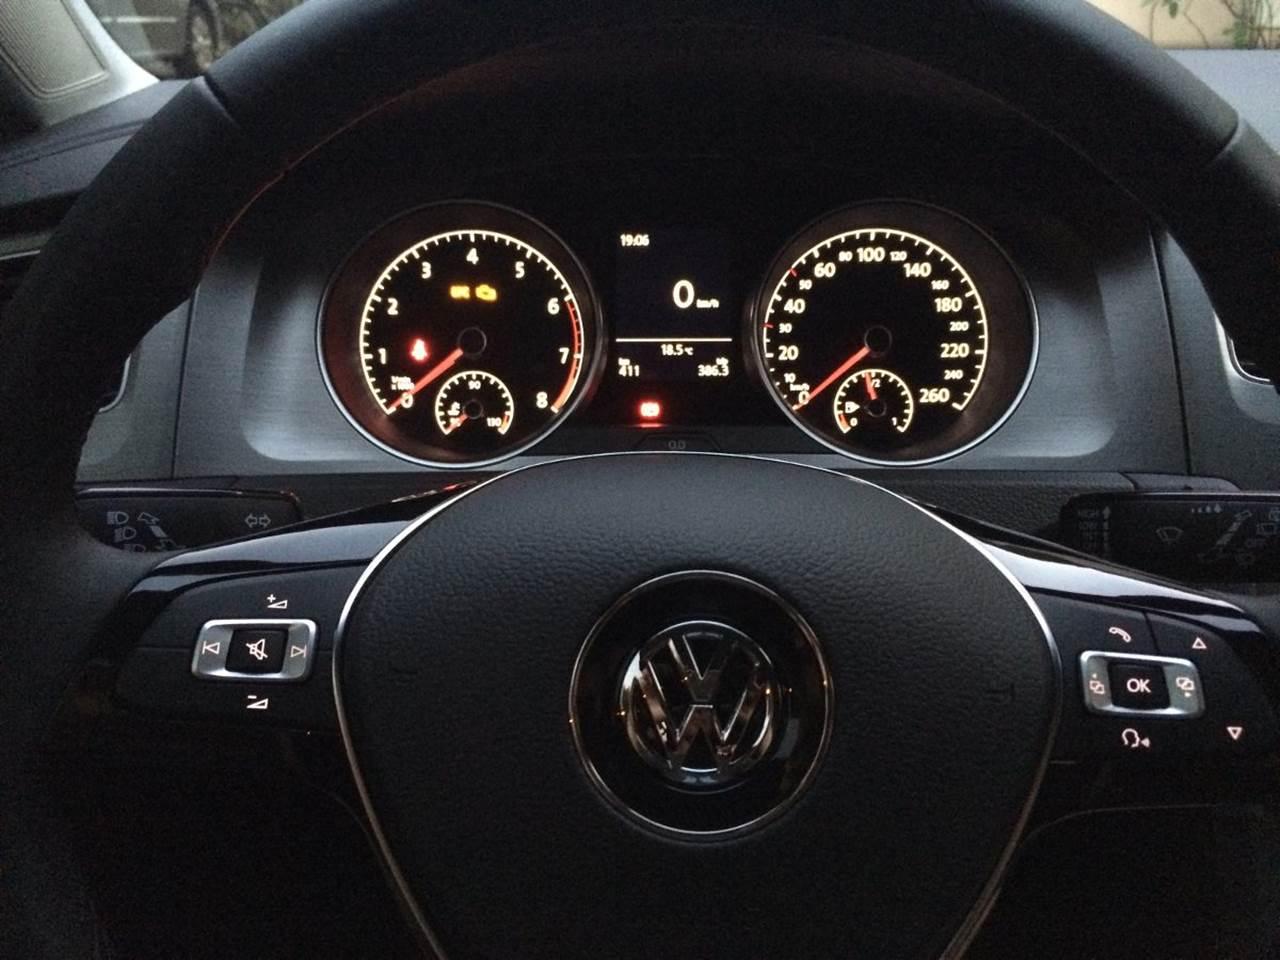 VW Golf Trendline 2016 - volante multifuncional e detalhe do cluster